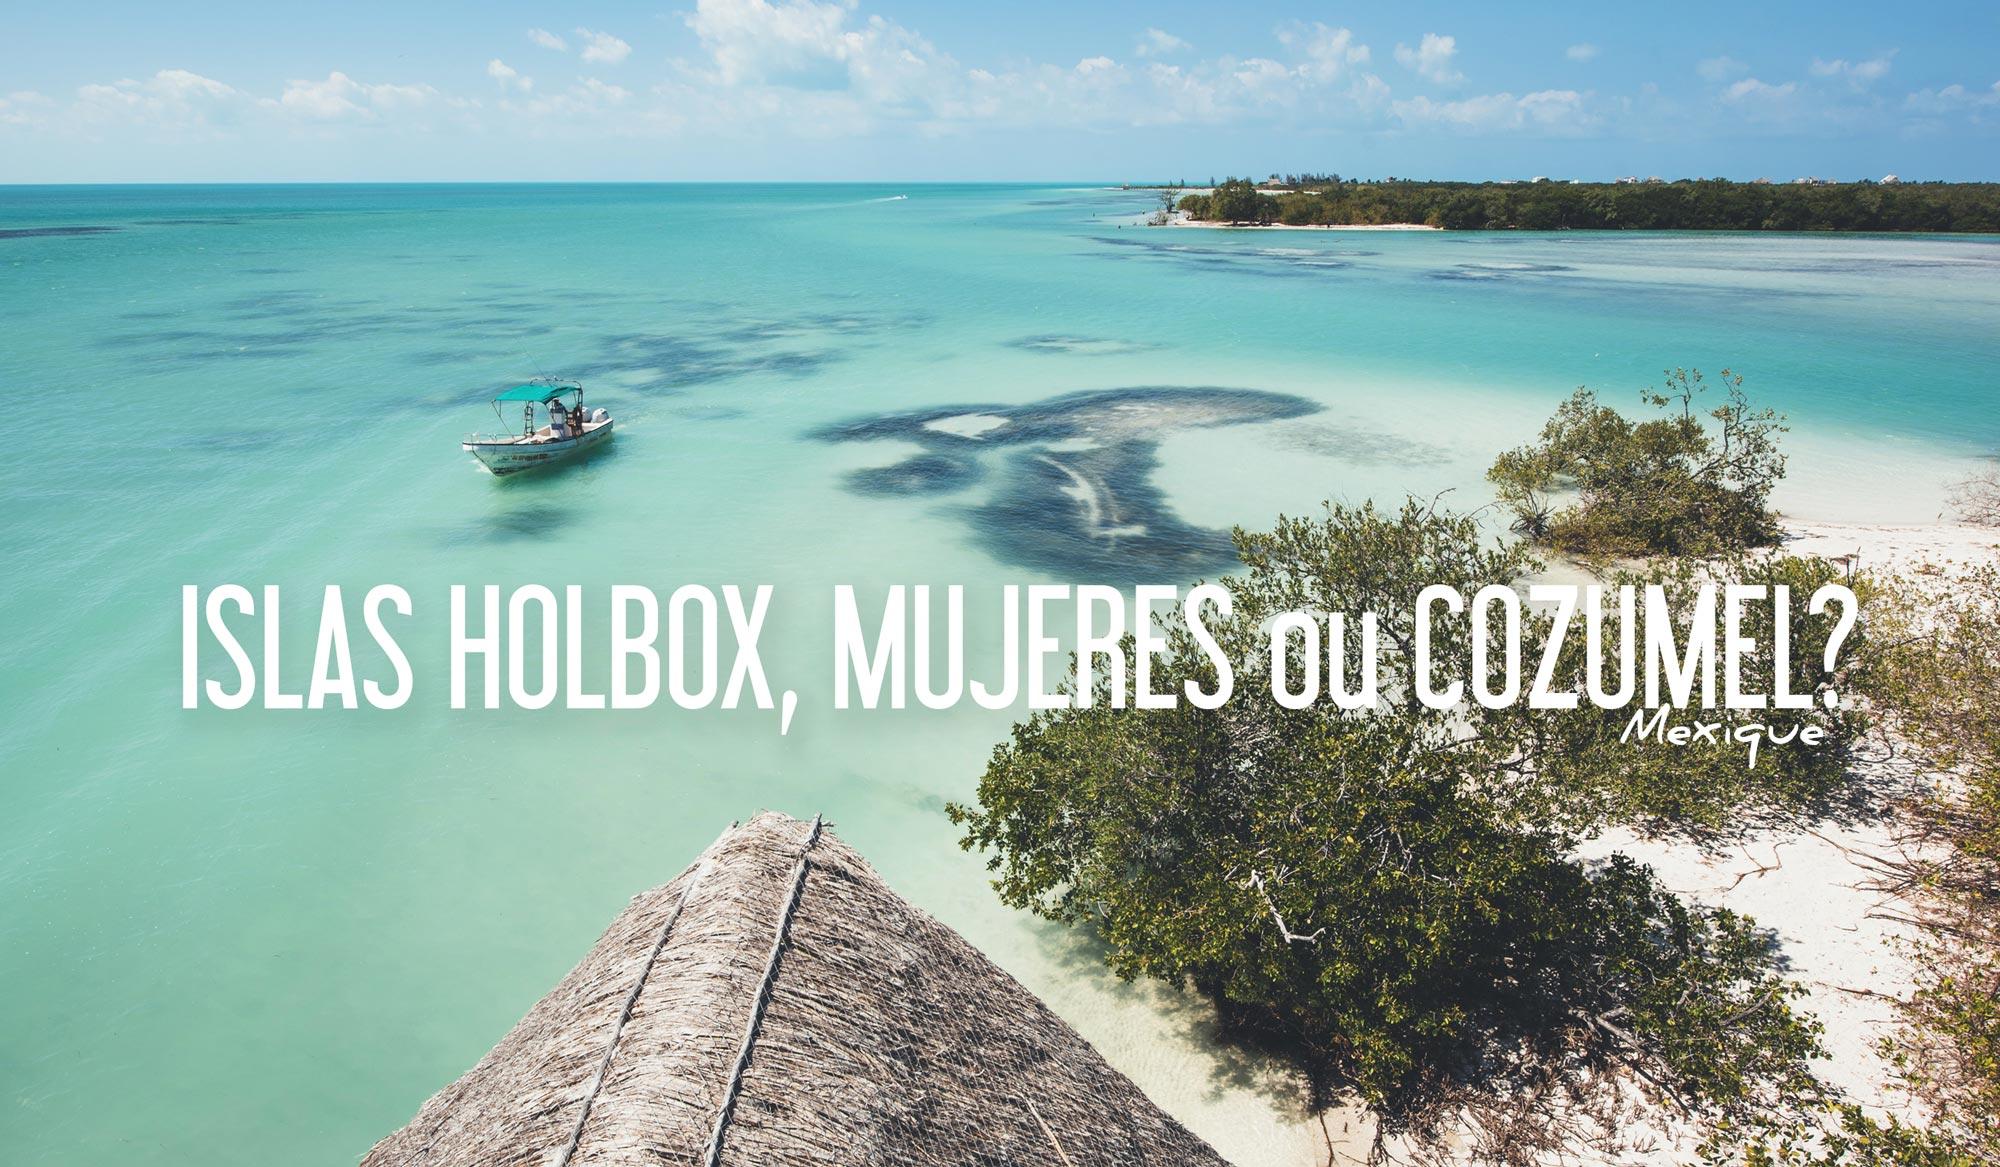 Holbox, Isla Mujeres ou Cozumel?